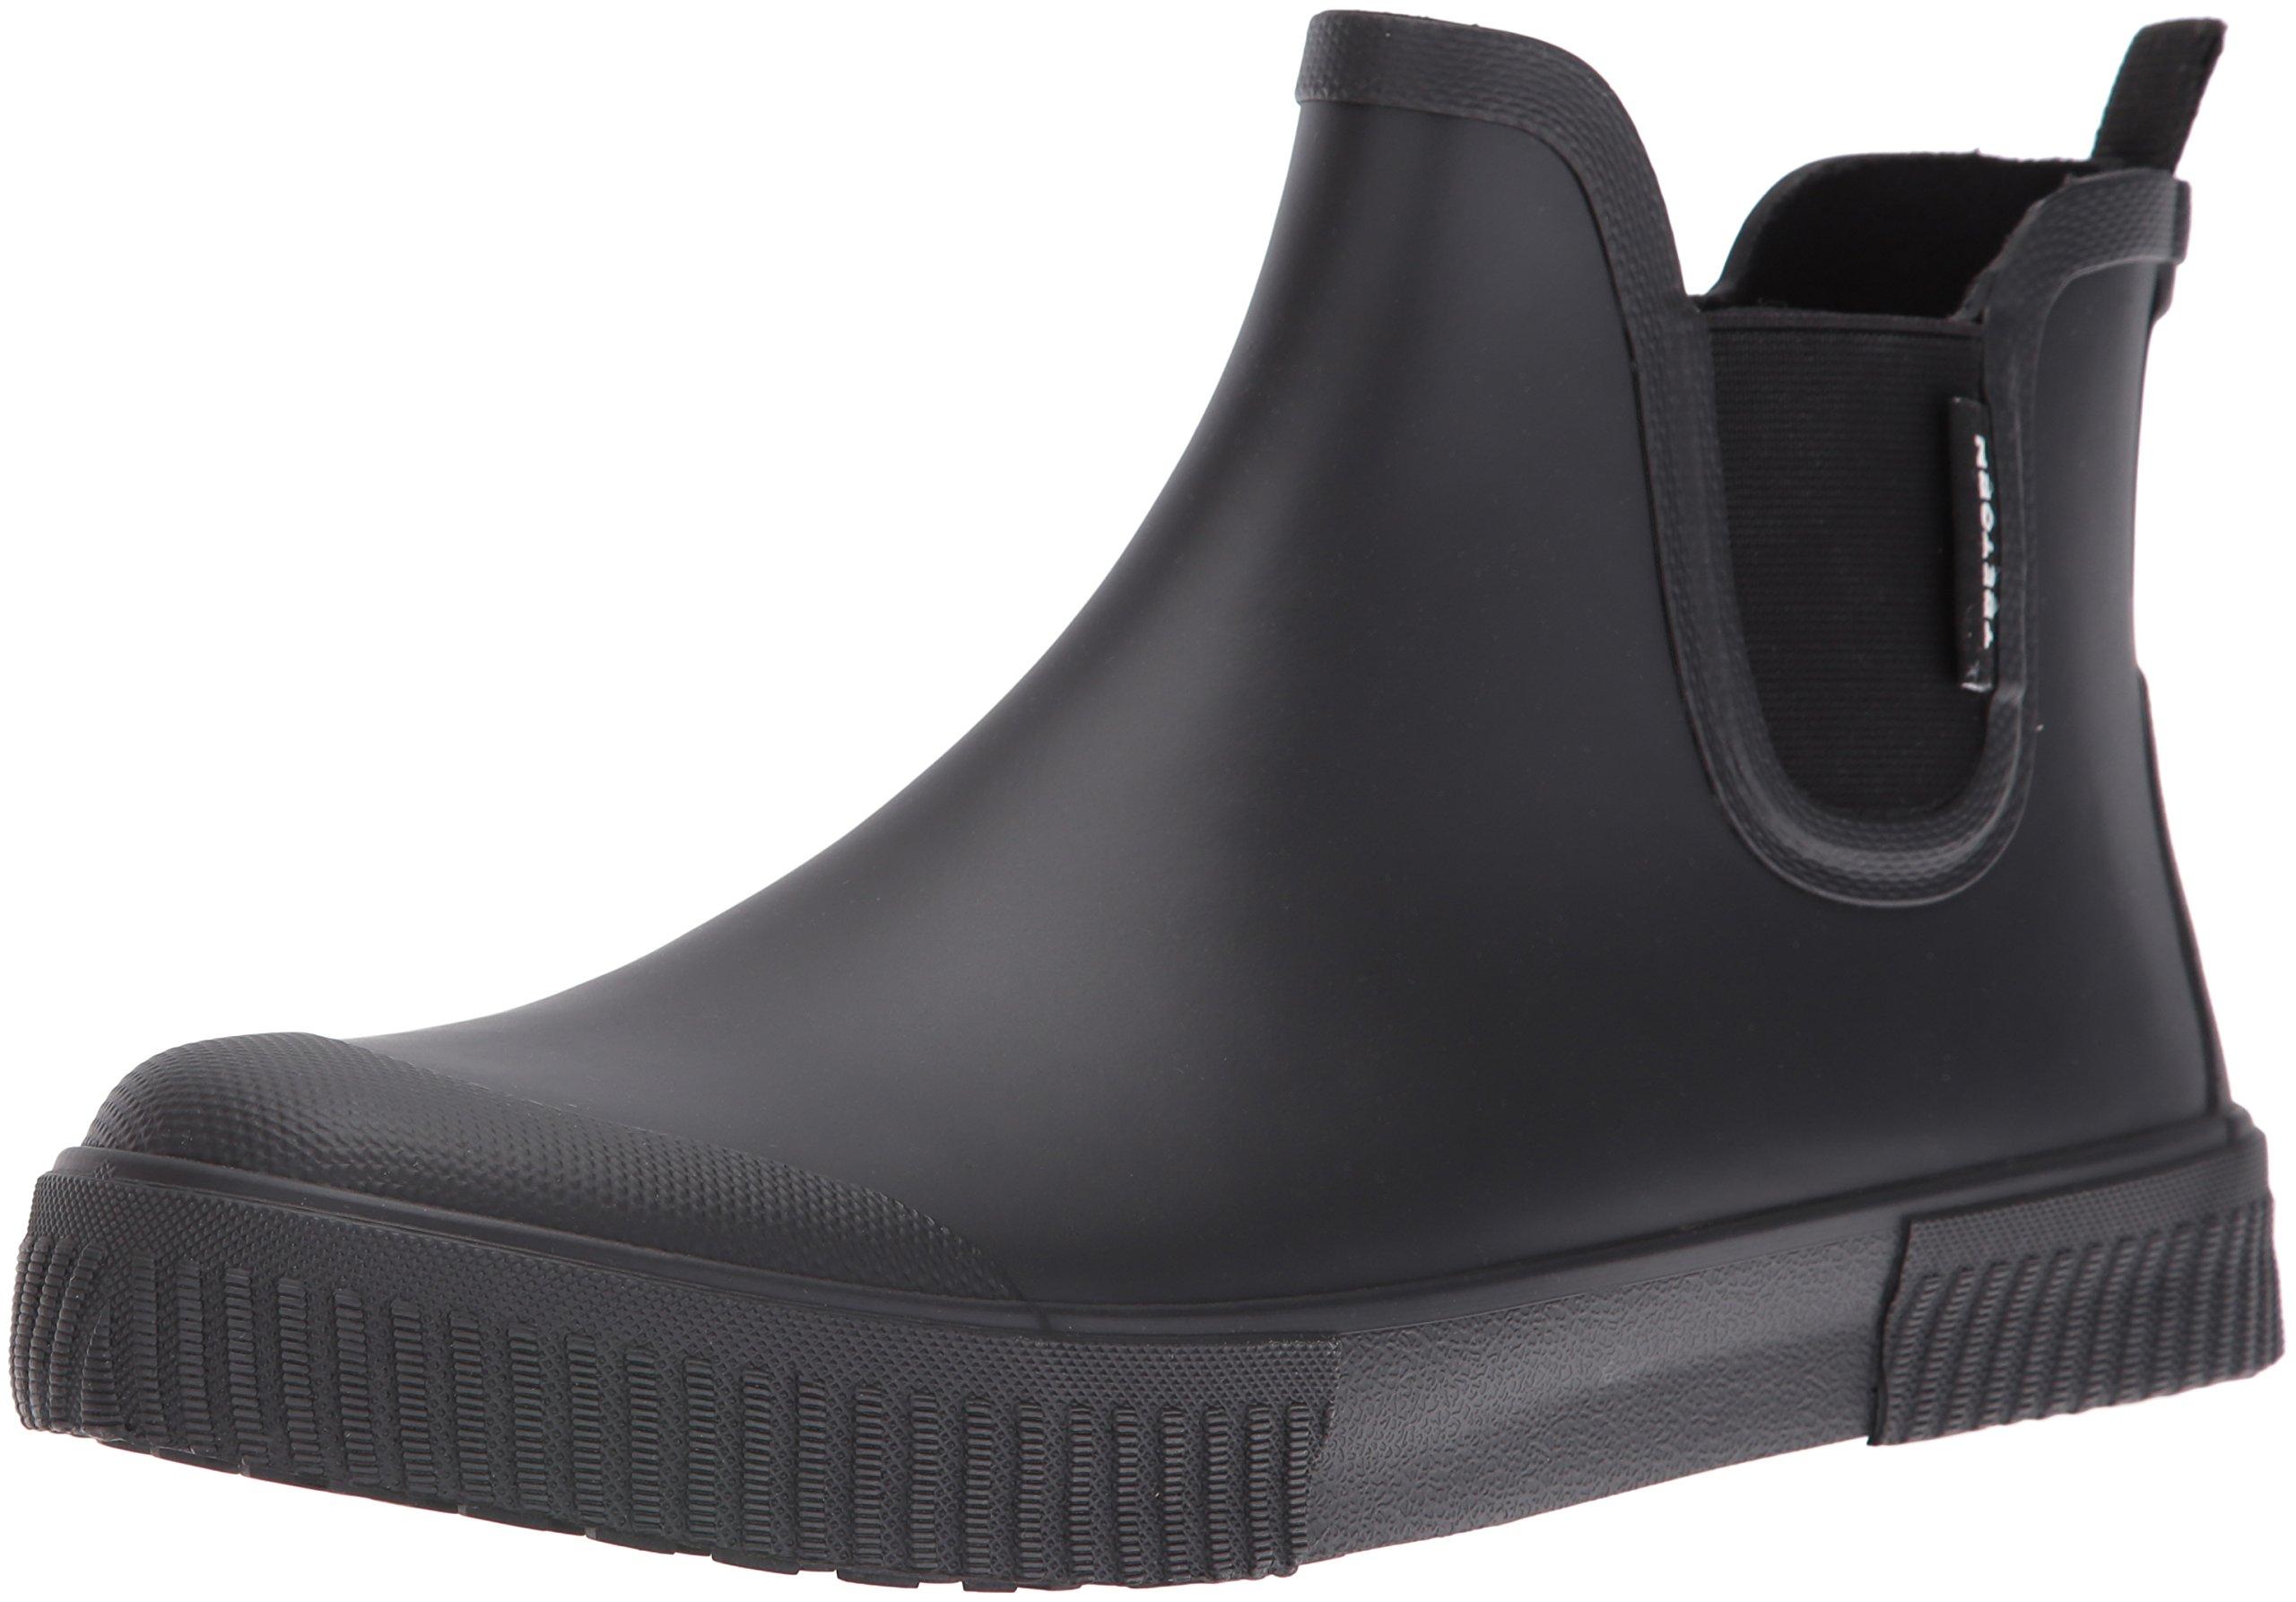 Tretorn Men's Gus Rain Boot, Black/Black/Black, 8 M US